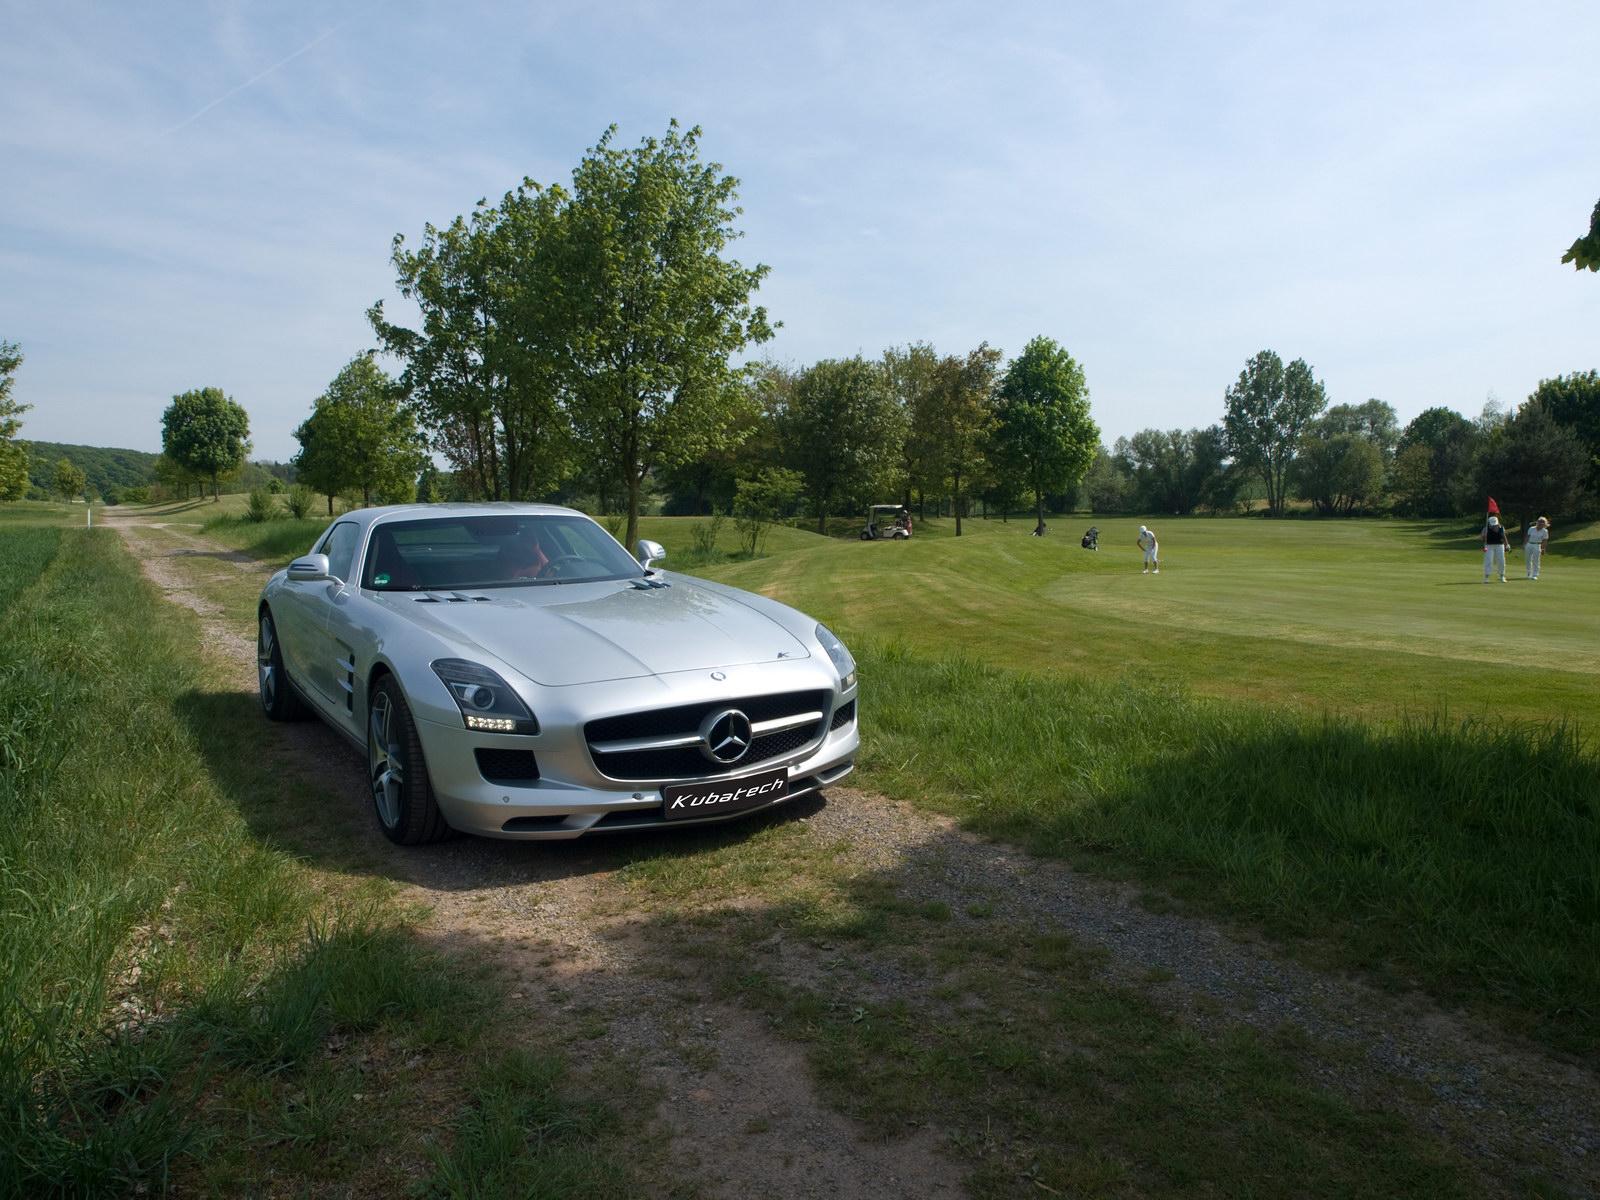 Kubatech dodal Mercedesu SLS AMG větší výkon 5